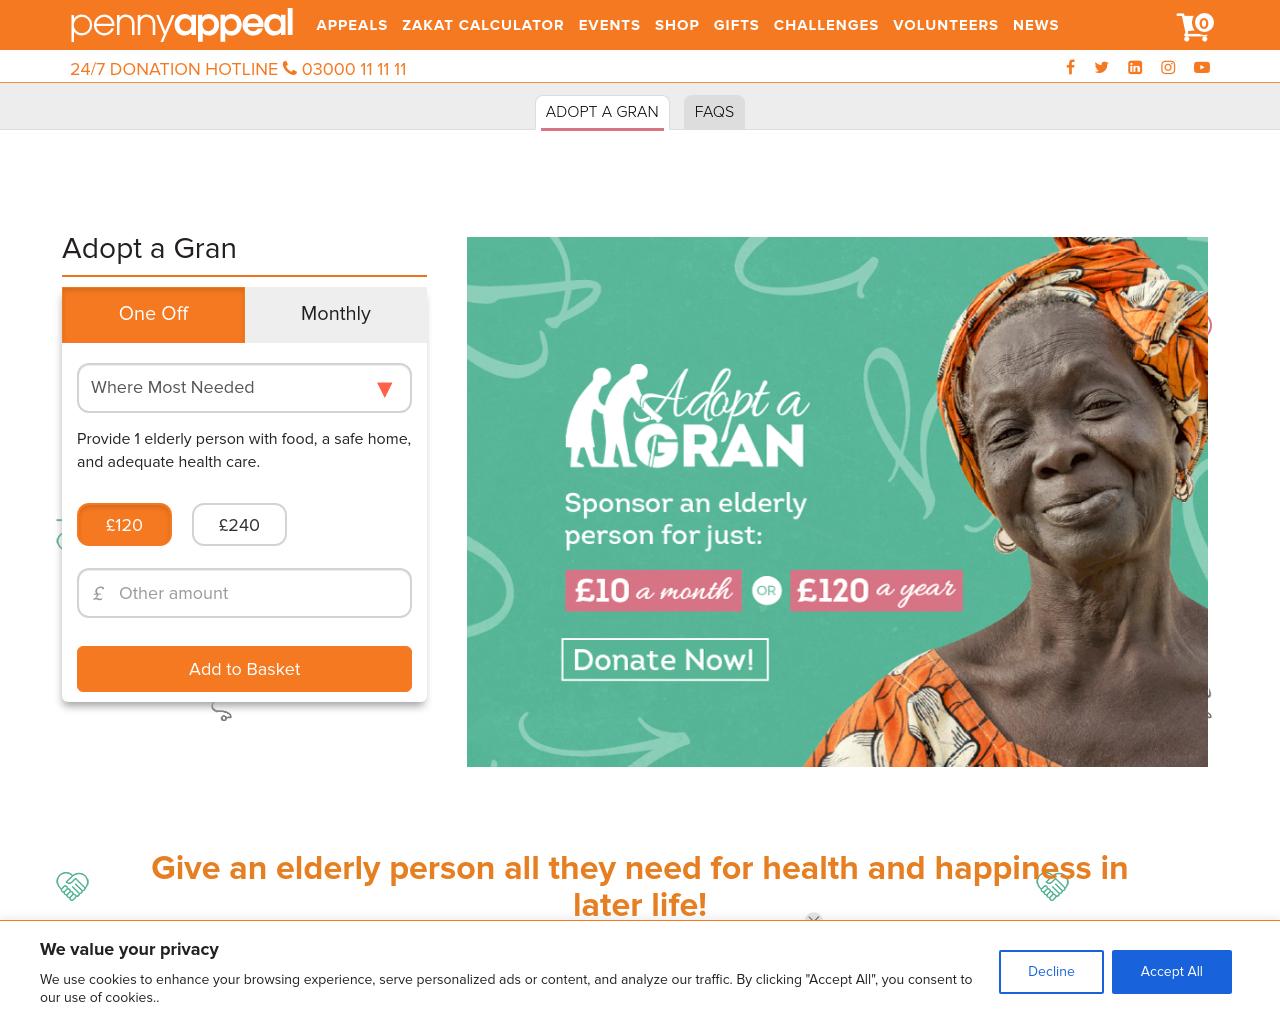 Adopt A Granny